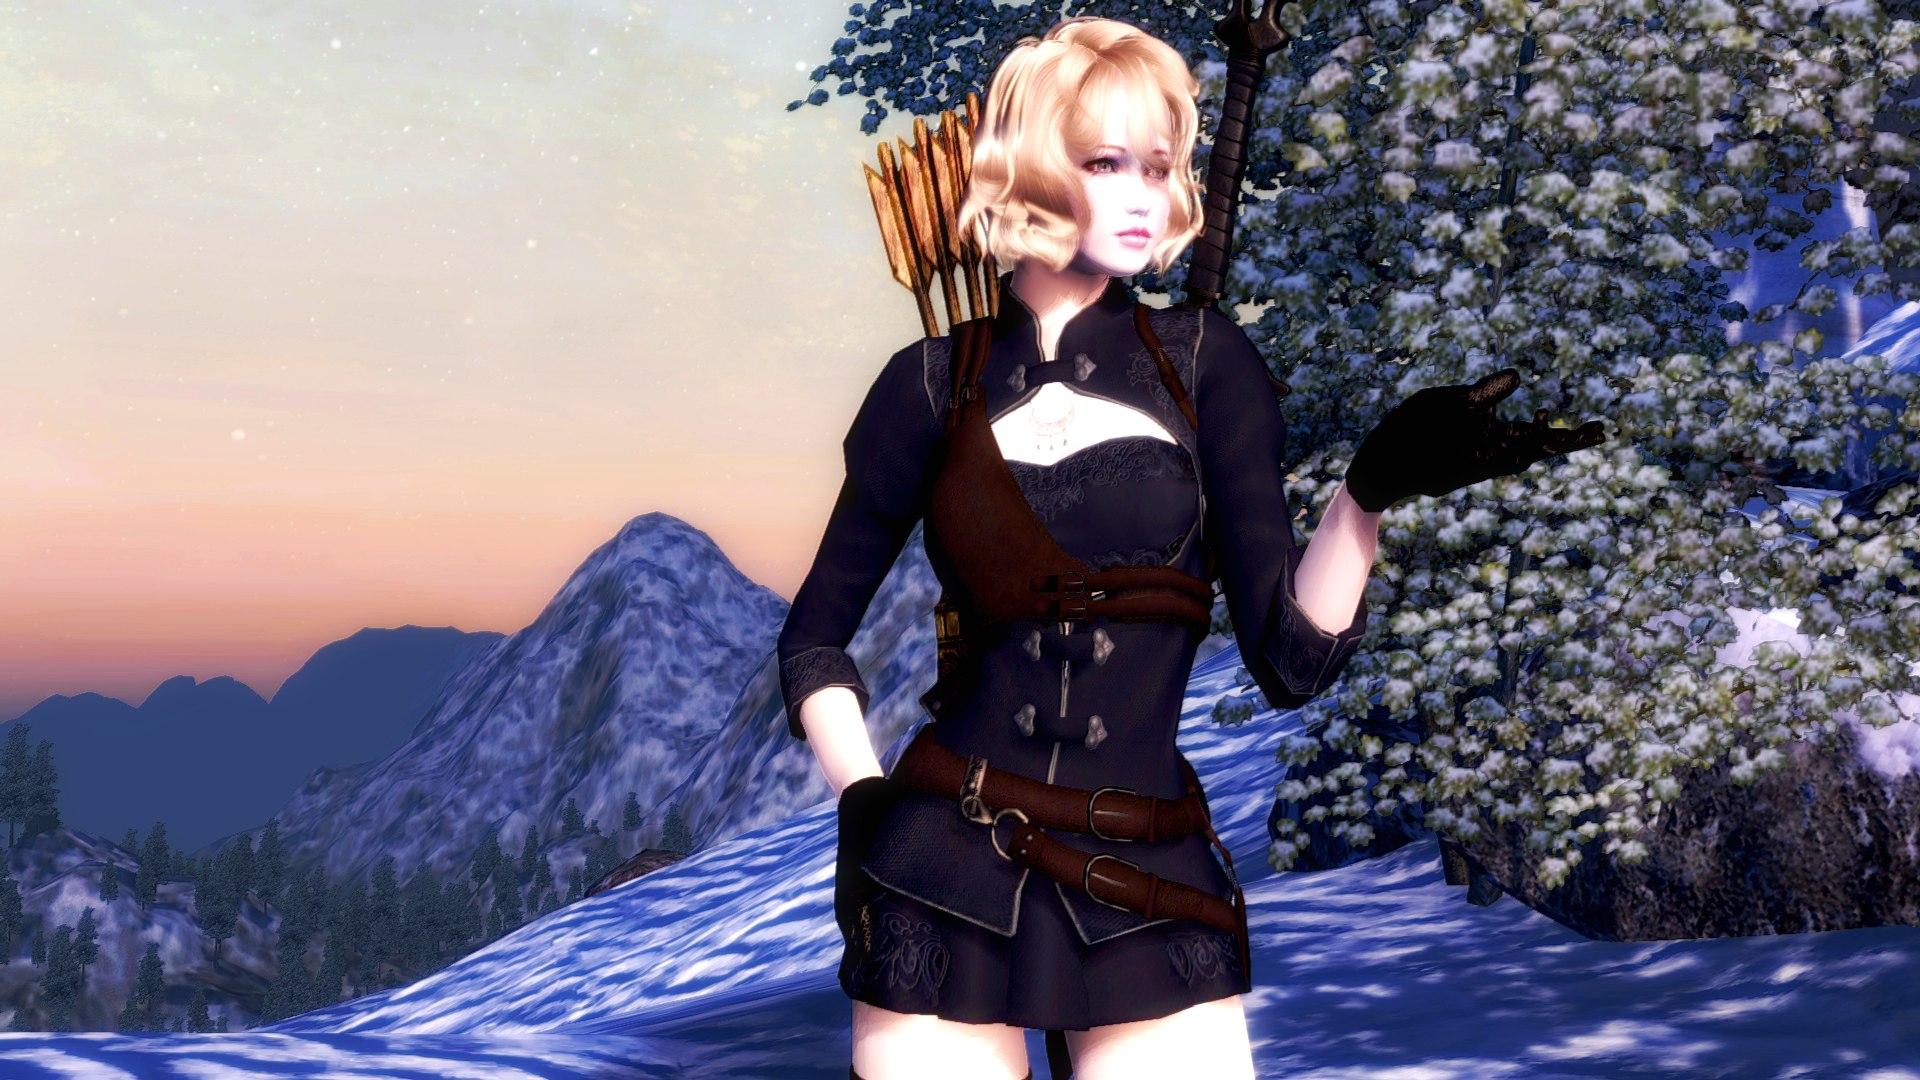 Oblivion 2011-12-19 22-49-20-55